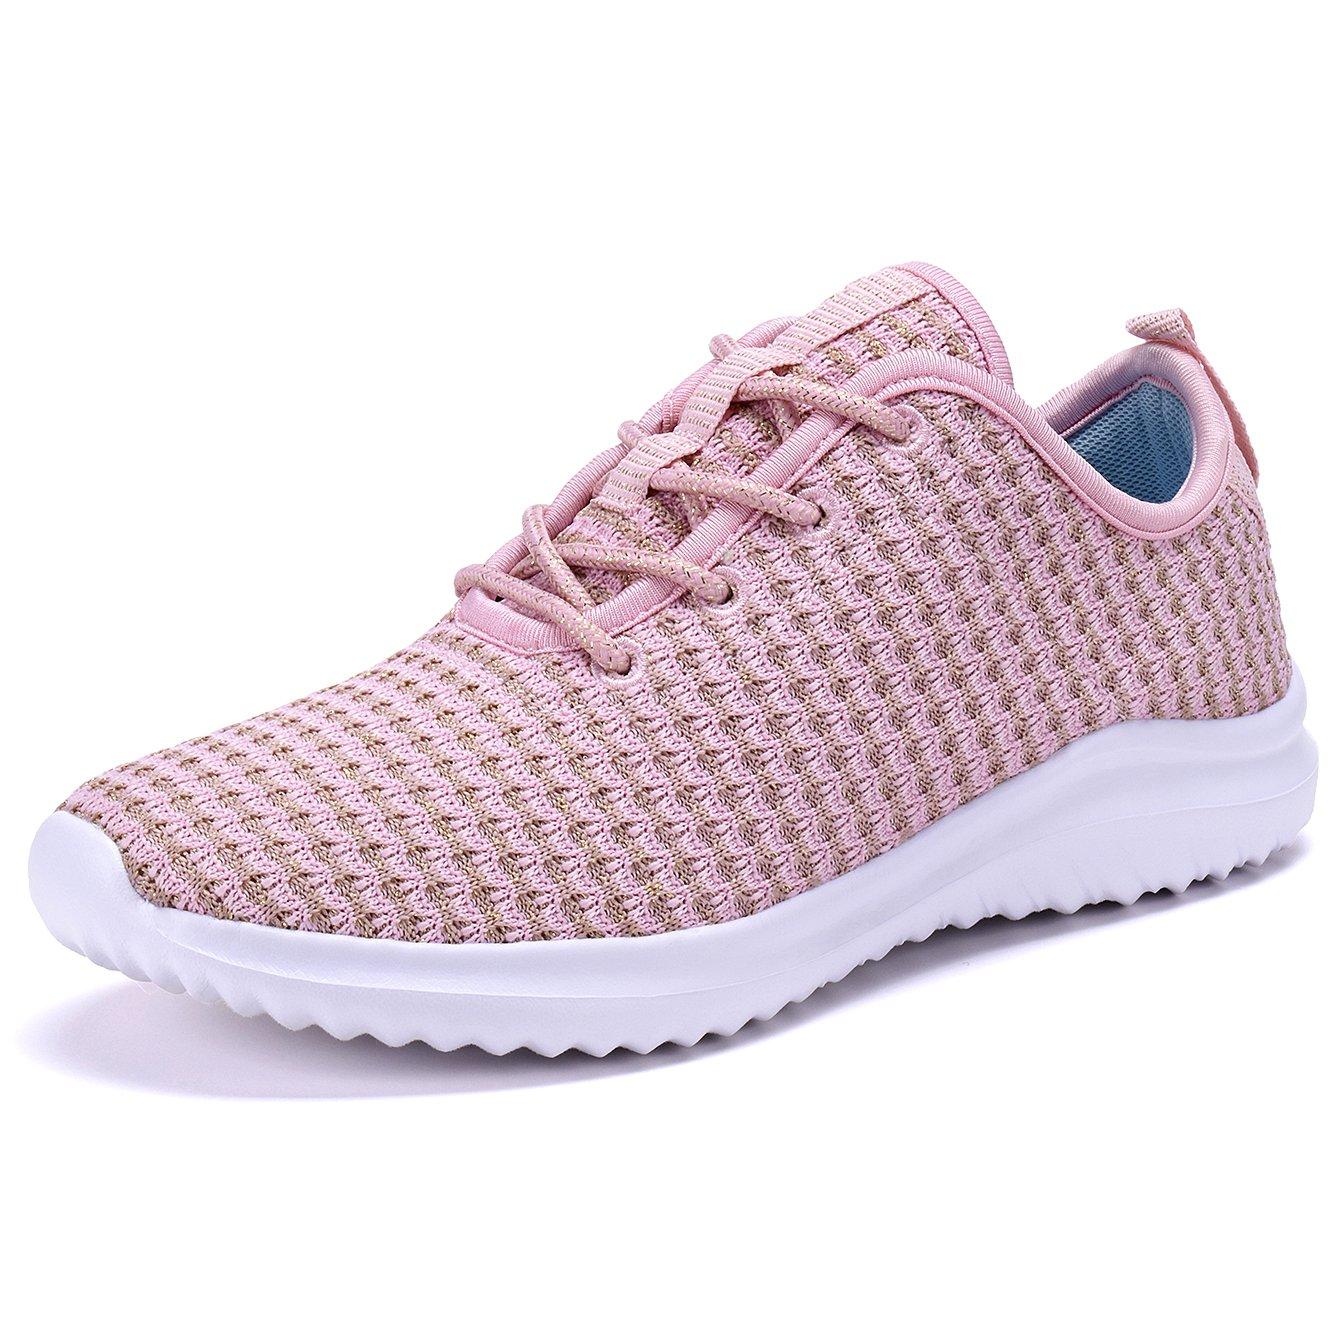 YILAN Women's Fashion Sneakers Casual Sport Shoes PINK-10